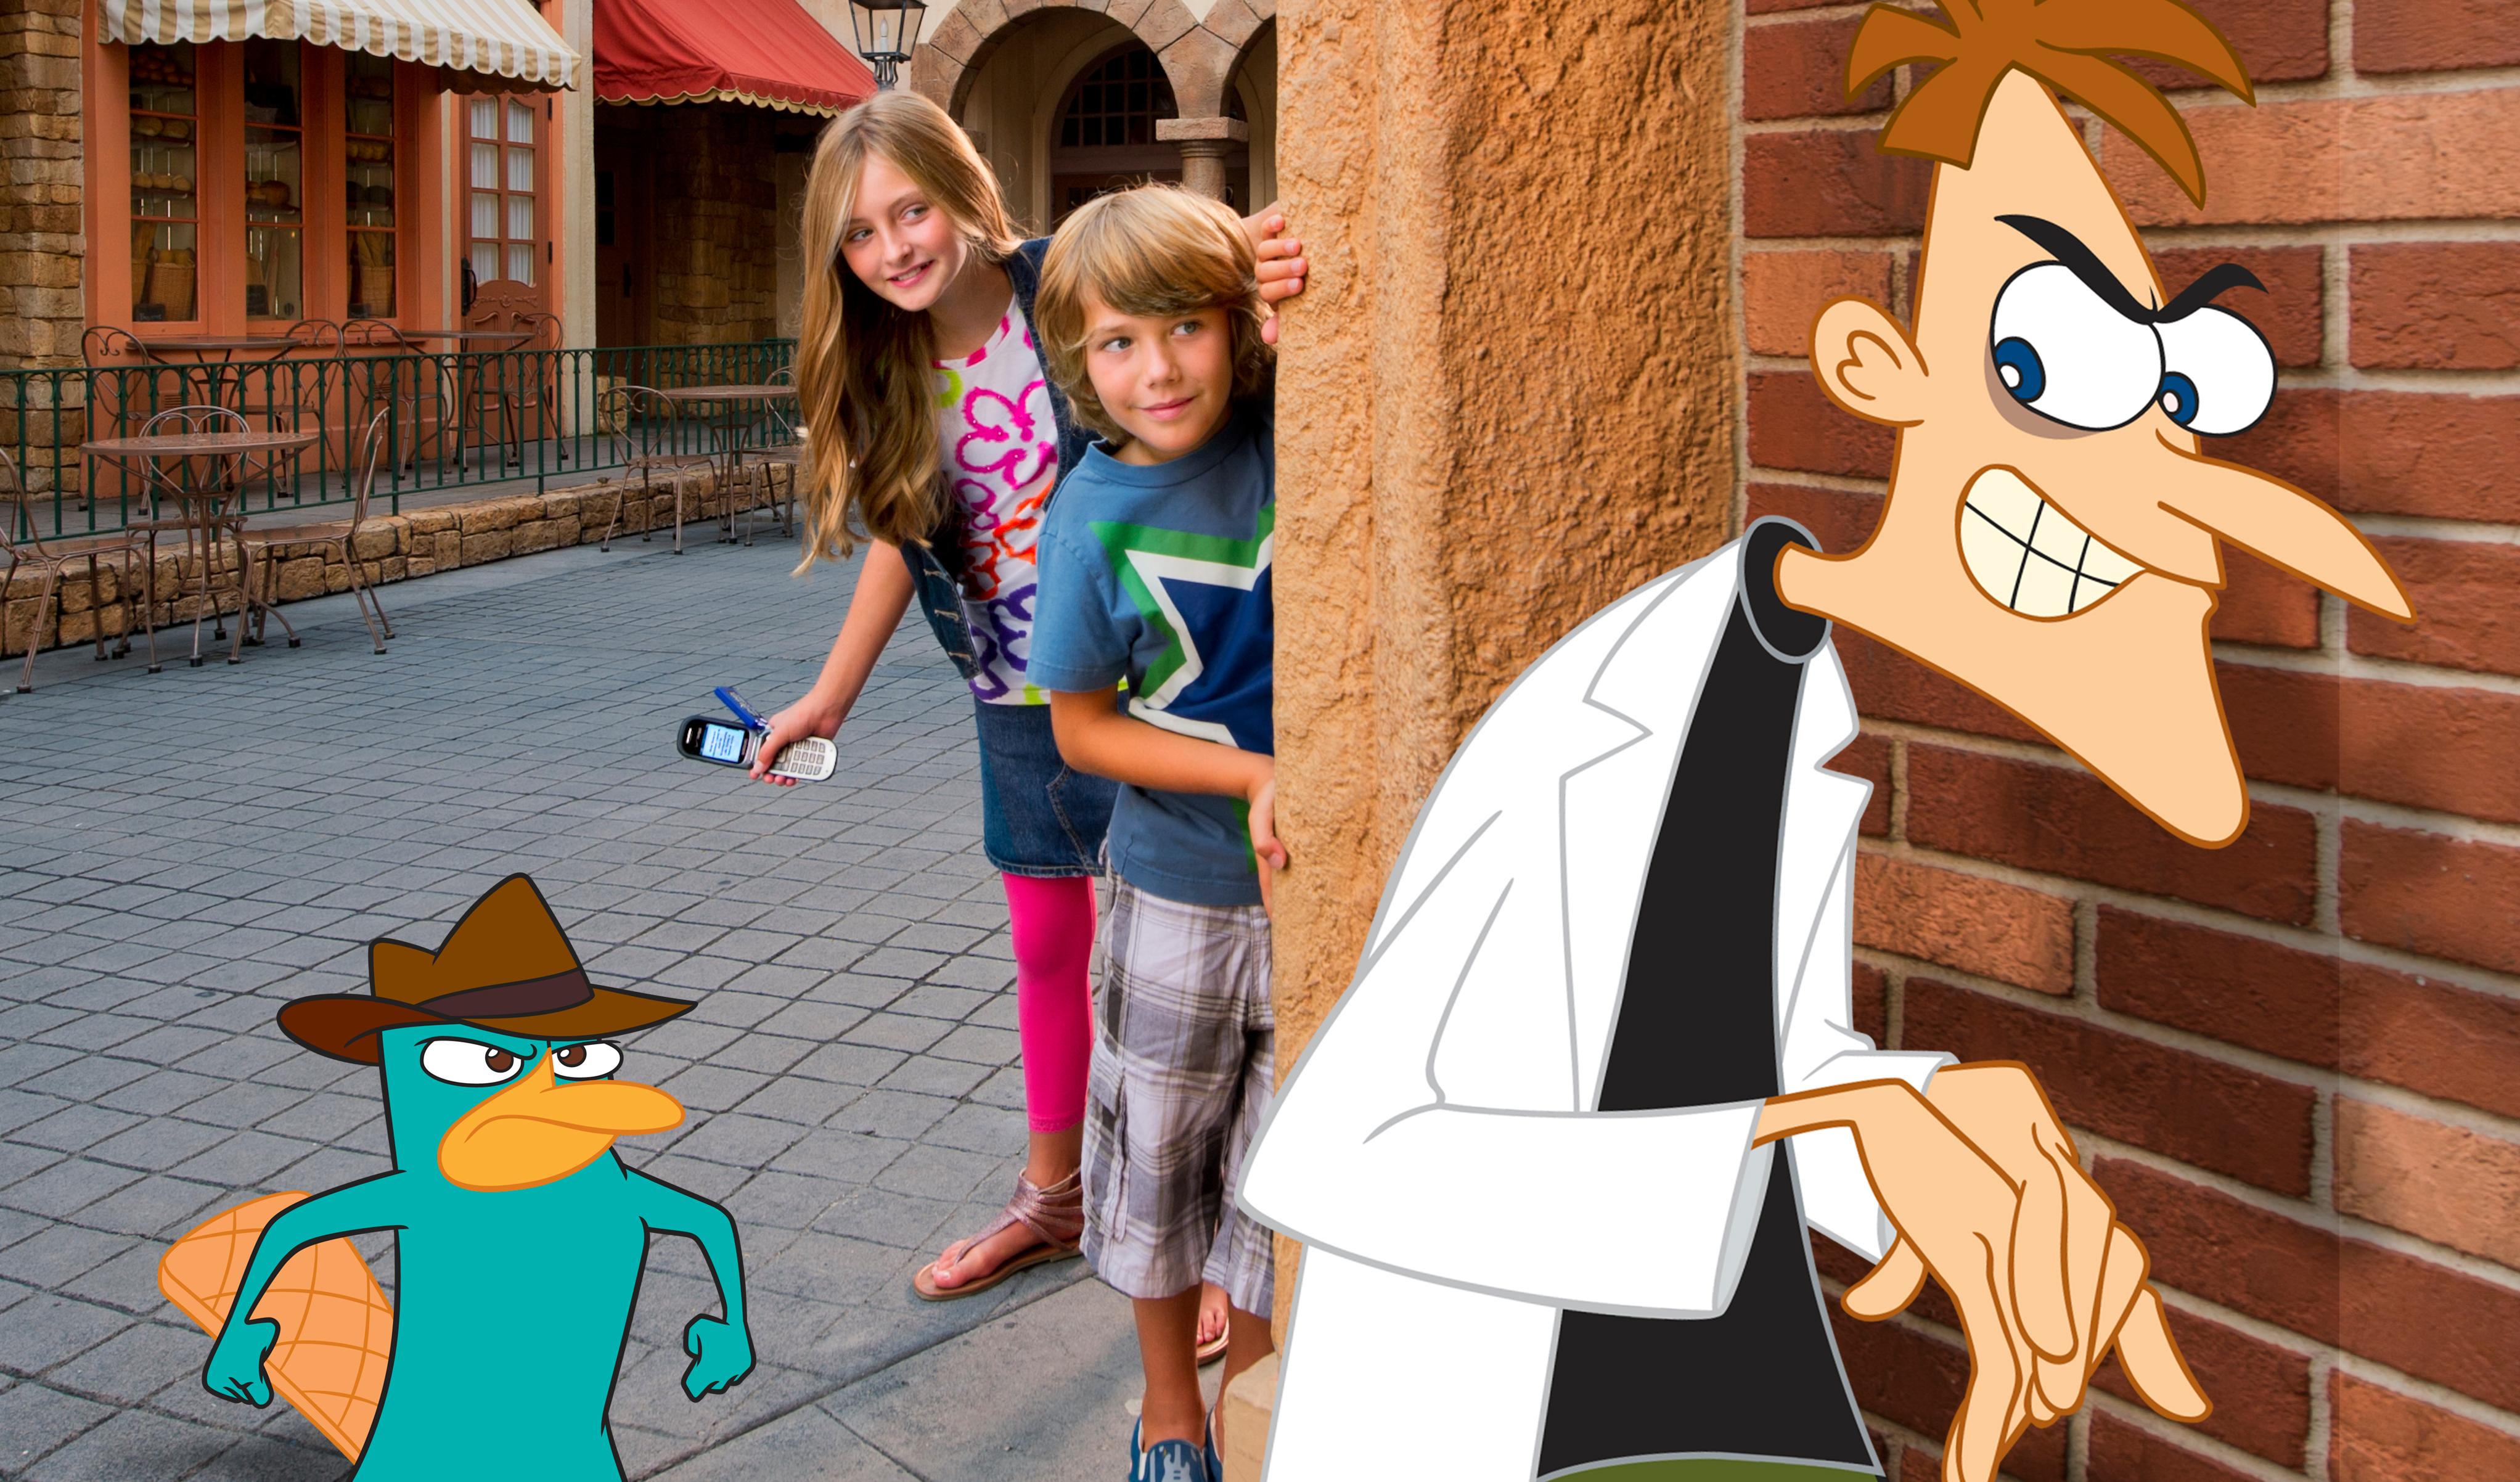 Os visitantes olham uma esquina durante o Phineas e Ferb: Agent P's World Showcase Adventure